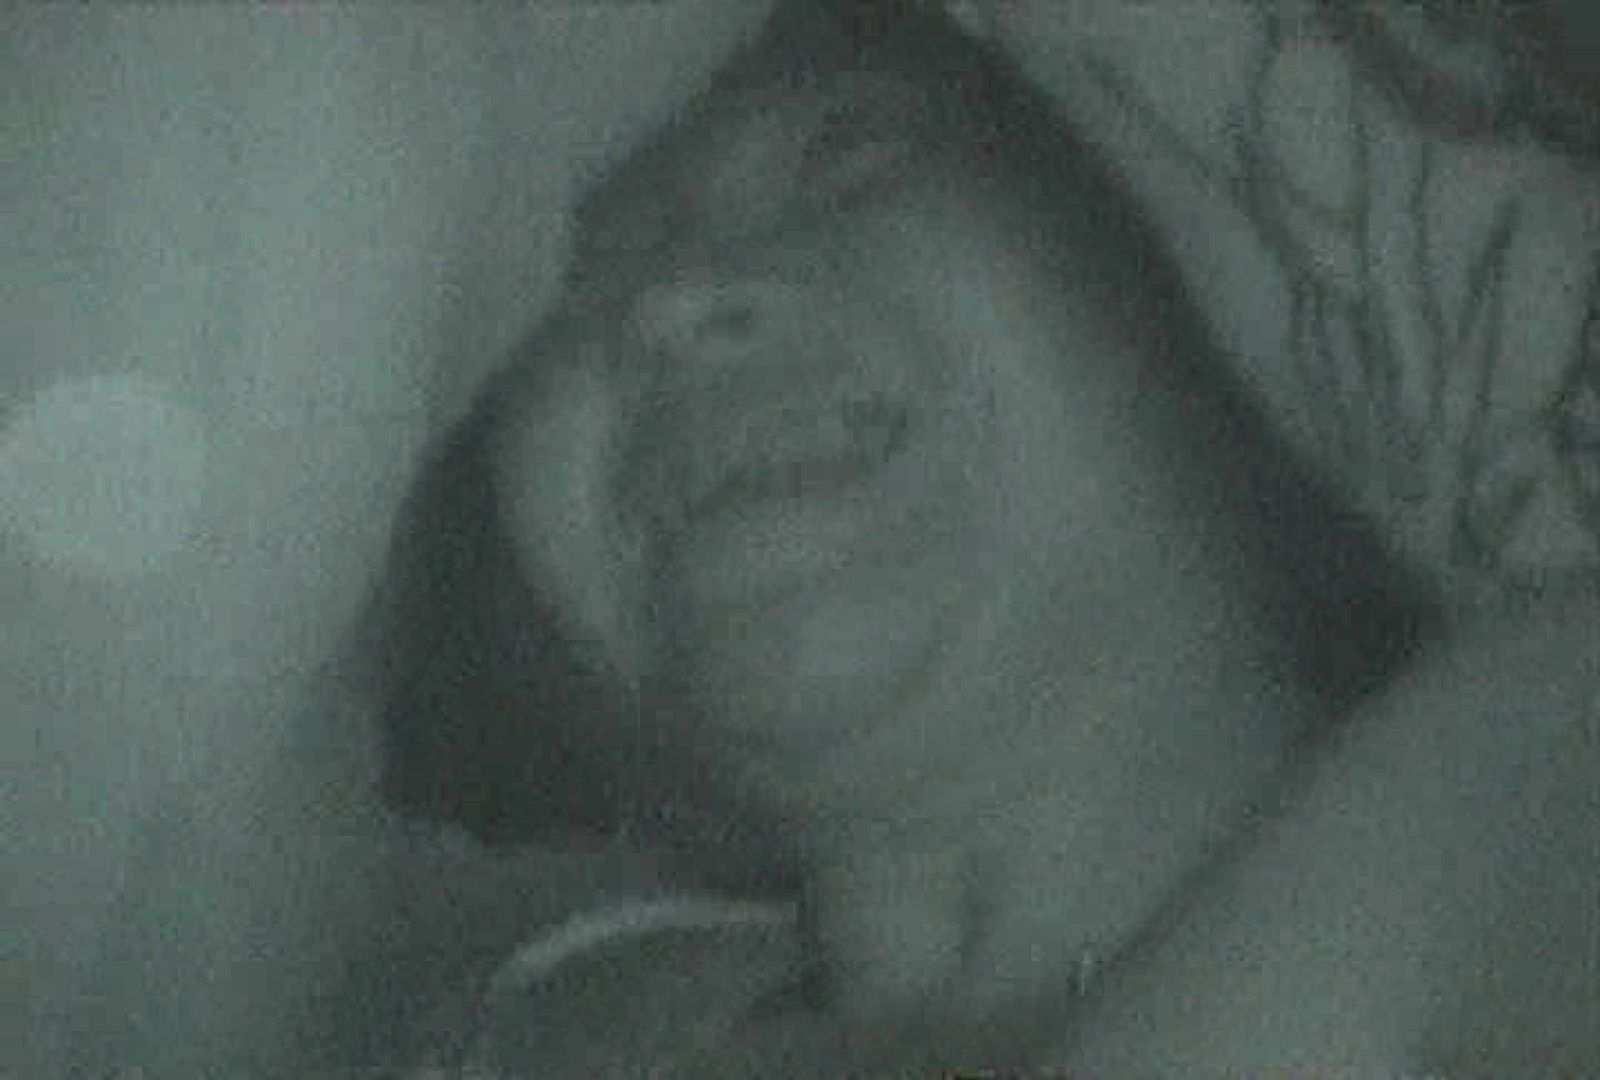 充血監督の深夜の運動会Vol.62 OLエロ画像 | 濃厚セックス  73PICs 61